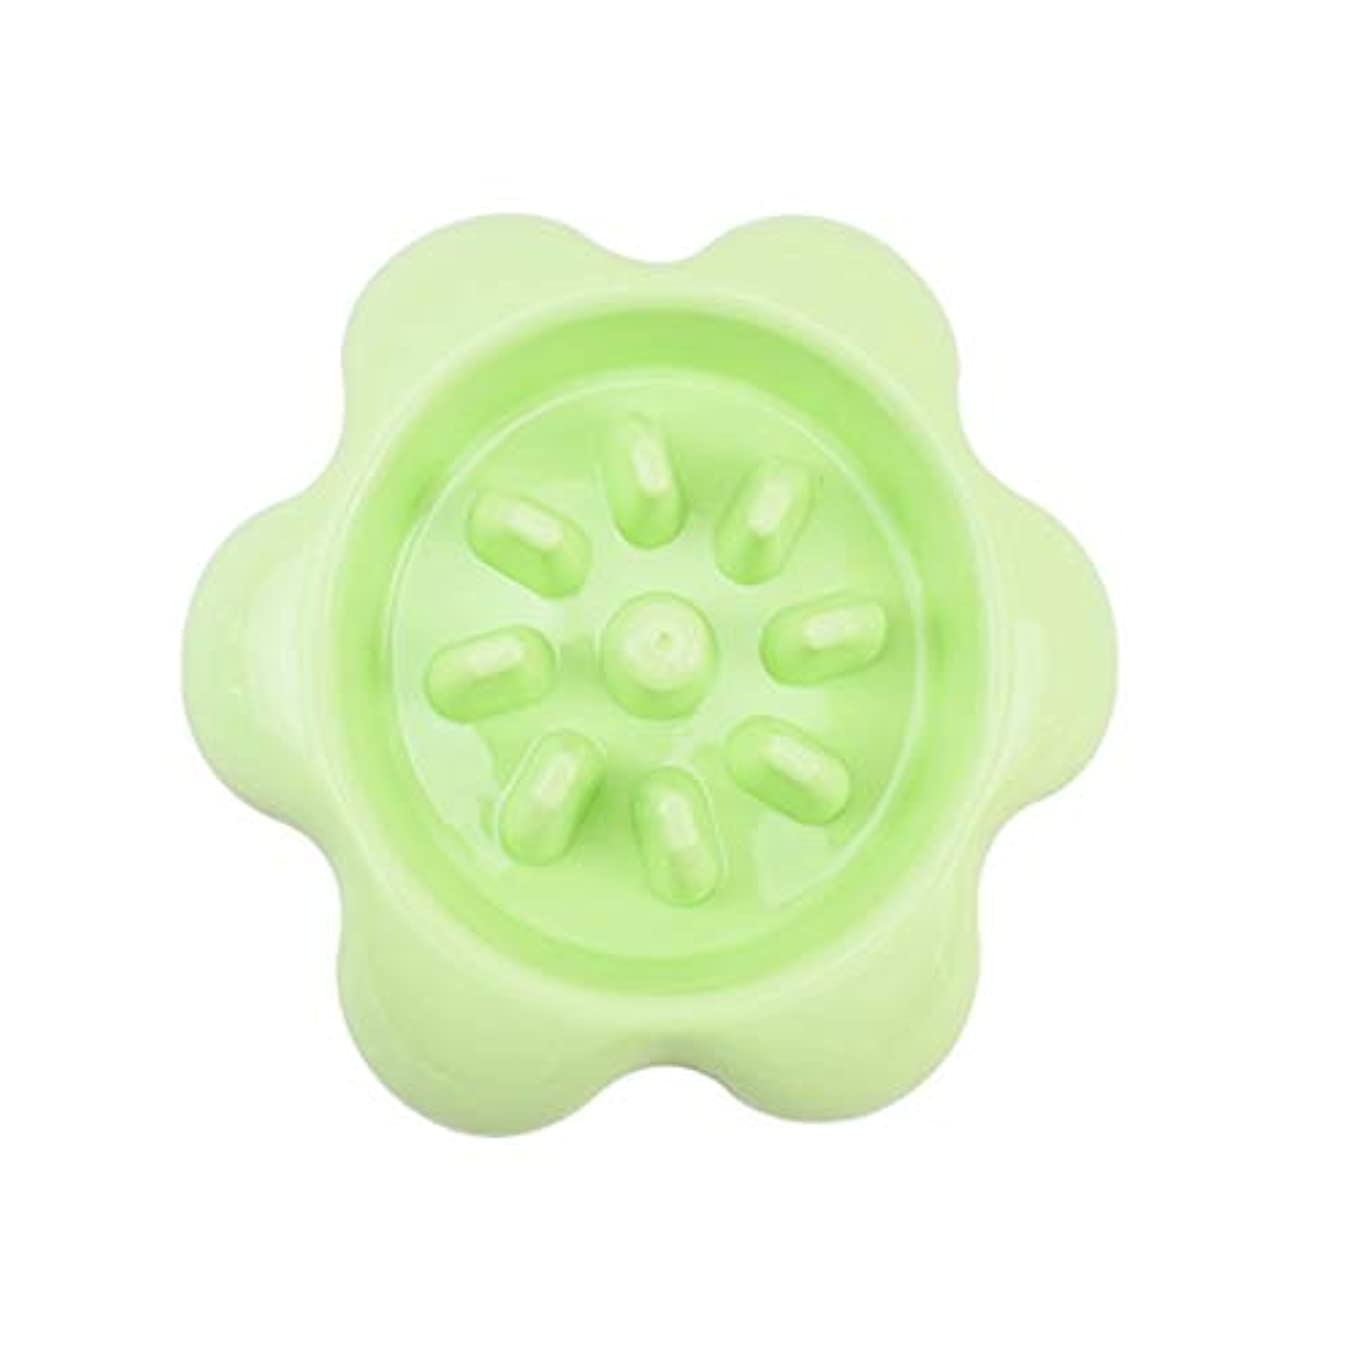 ほかに抑圧リルXian ペットボウルスローフィーディングボウル - 滑り止めパズルボール - 滑り止めペットスローフードフィーディング食器 - 耐久性のある抗窒息ヘルシーデザインボール(3色使用可能) Easy to Clean Non-Skid Bowls for Dogs (Color : Green)